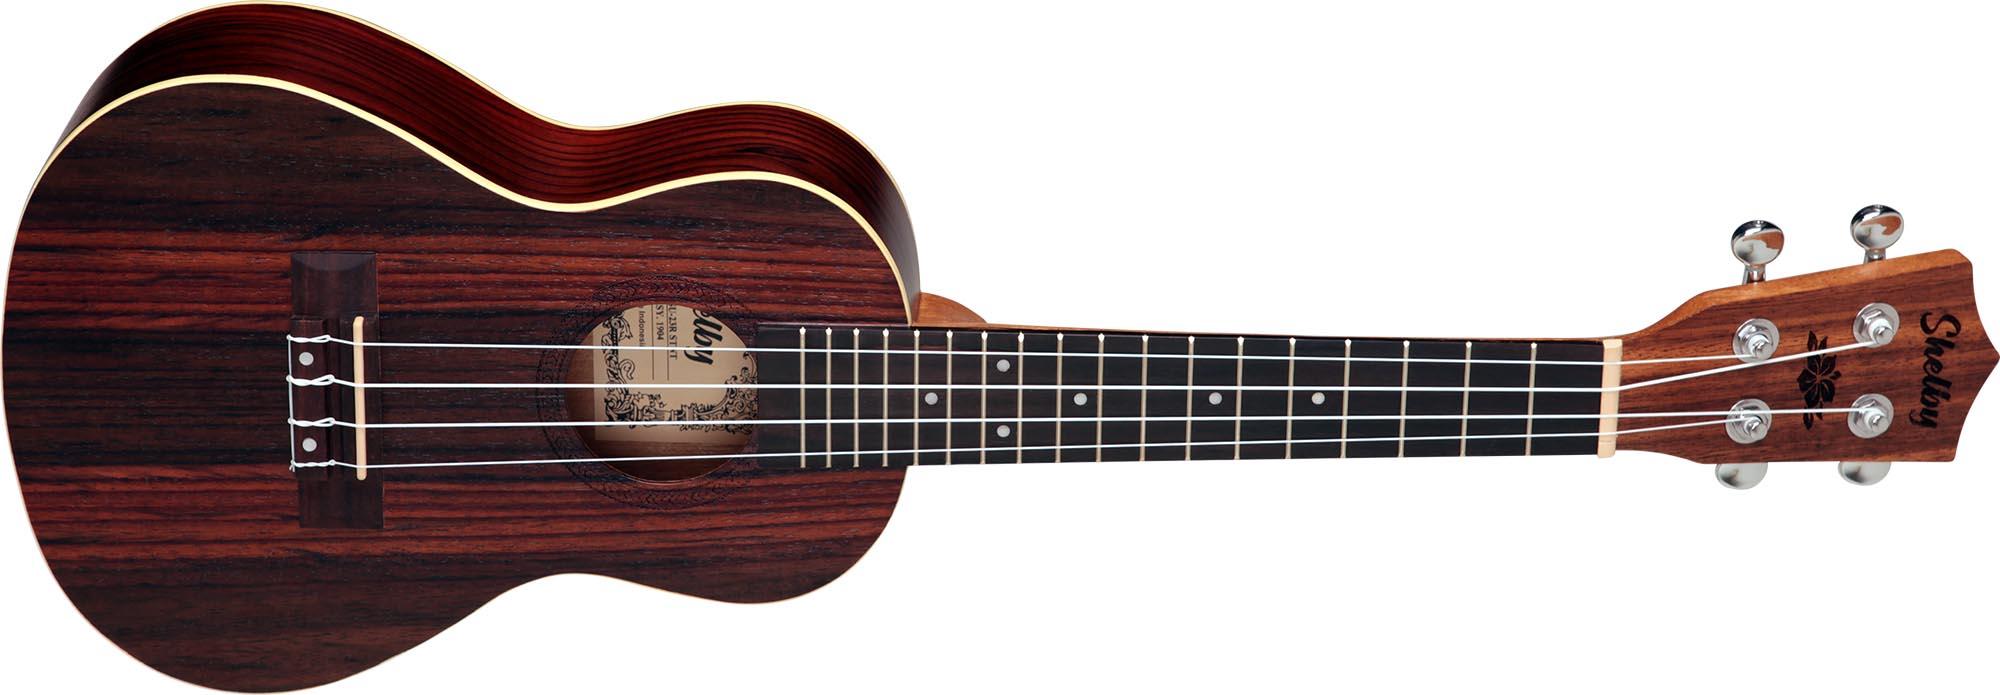 su23r ukulele concerto shelby su23r stnt jacaranda acetinado visao frontal